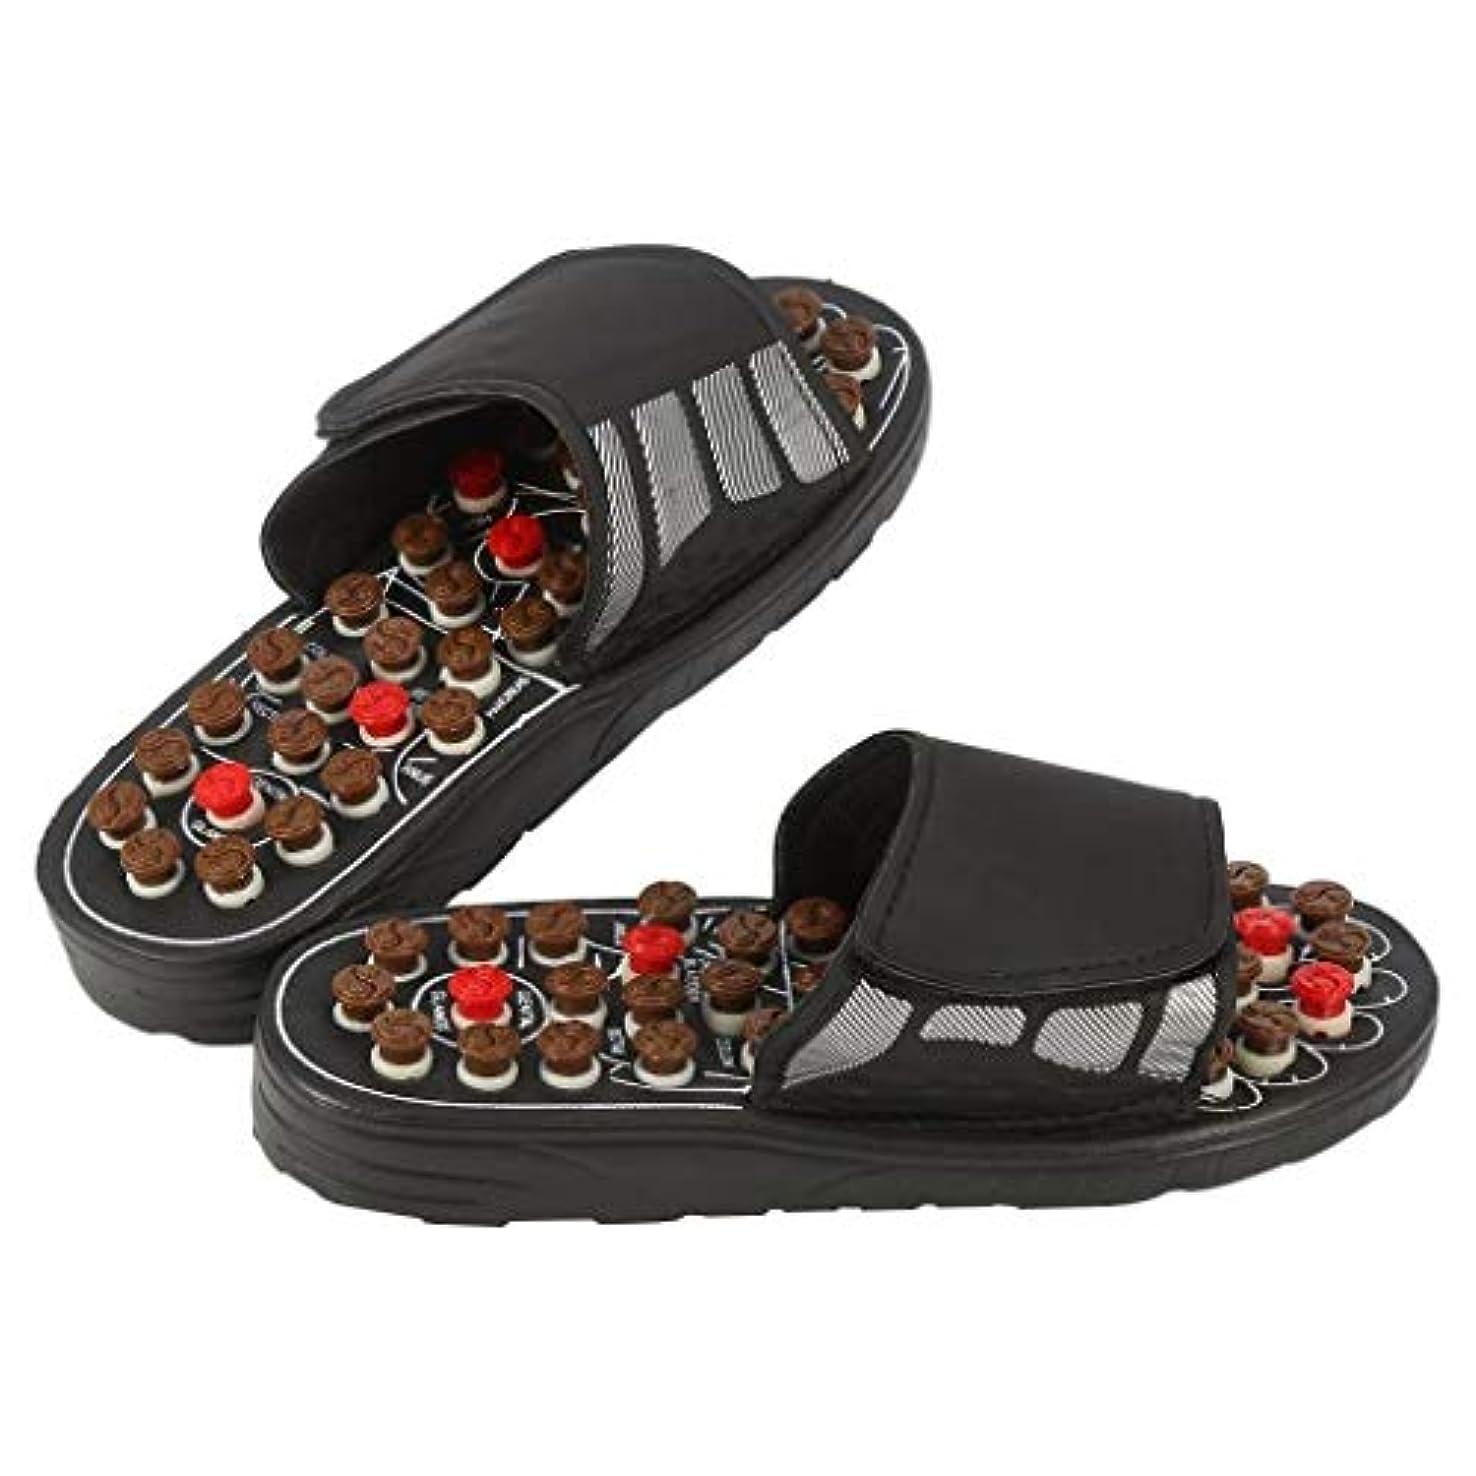 ネクタイ優遇うぬぼれ磁気マッサージインソール、指圧靴マッサージ効果インソール健康足医療援助足リフレクソロジーは、血液循環疲労を促進します (Color : 黒, Size : 40-41)